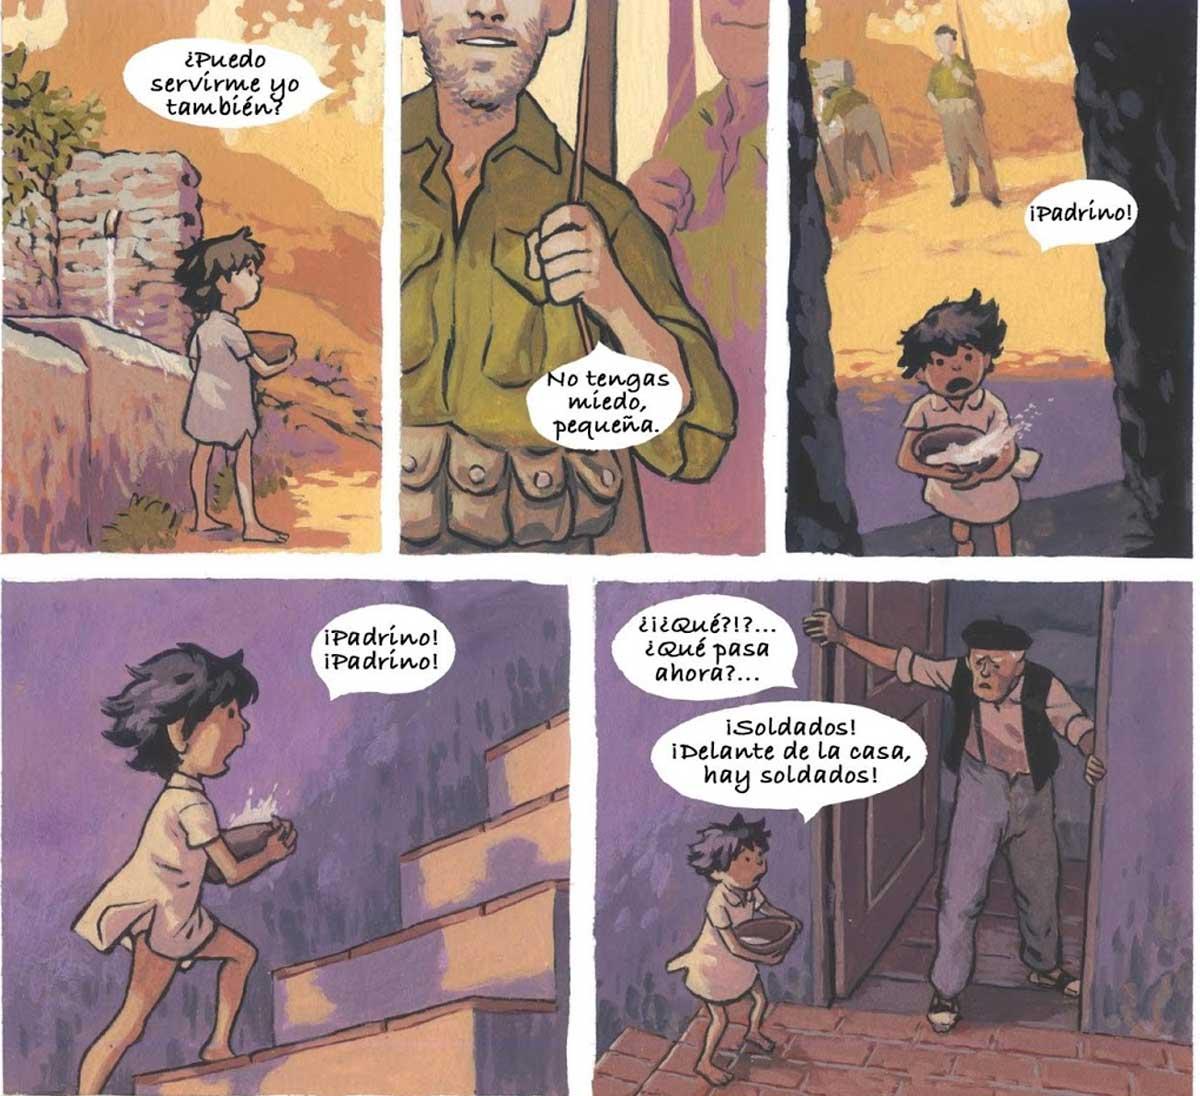 Golem-Comics-Sola-Denis-Lapiere-Ricard-Efa-06